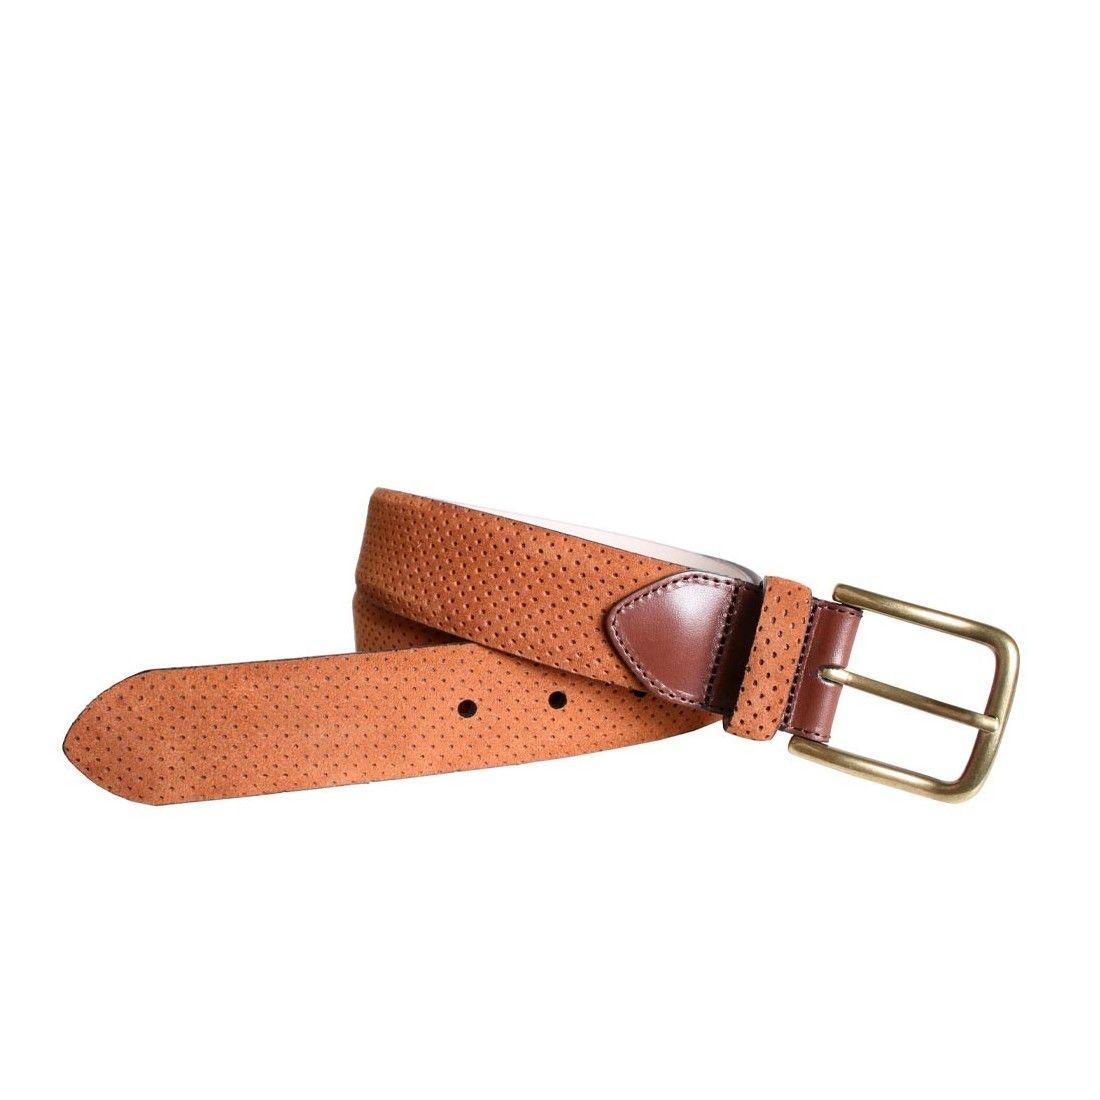 Cinturón Mod. 11338 - Possum - 1